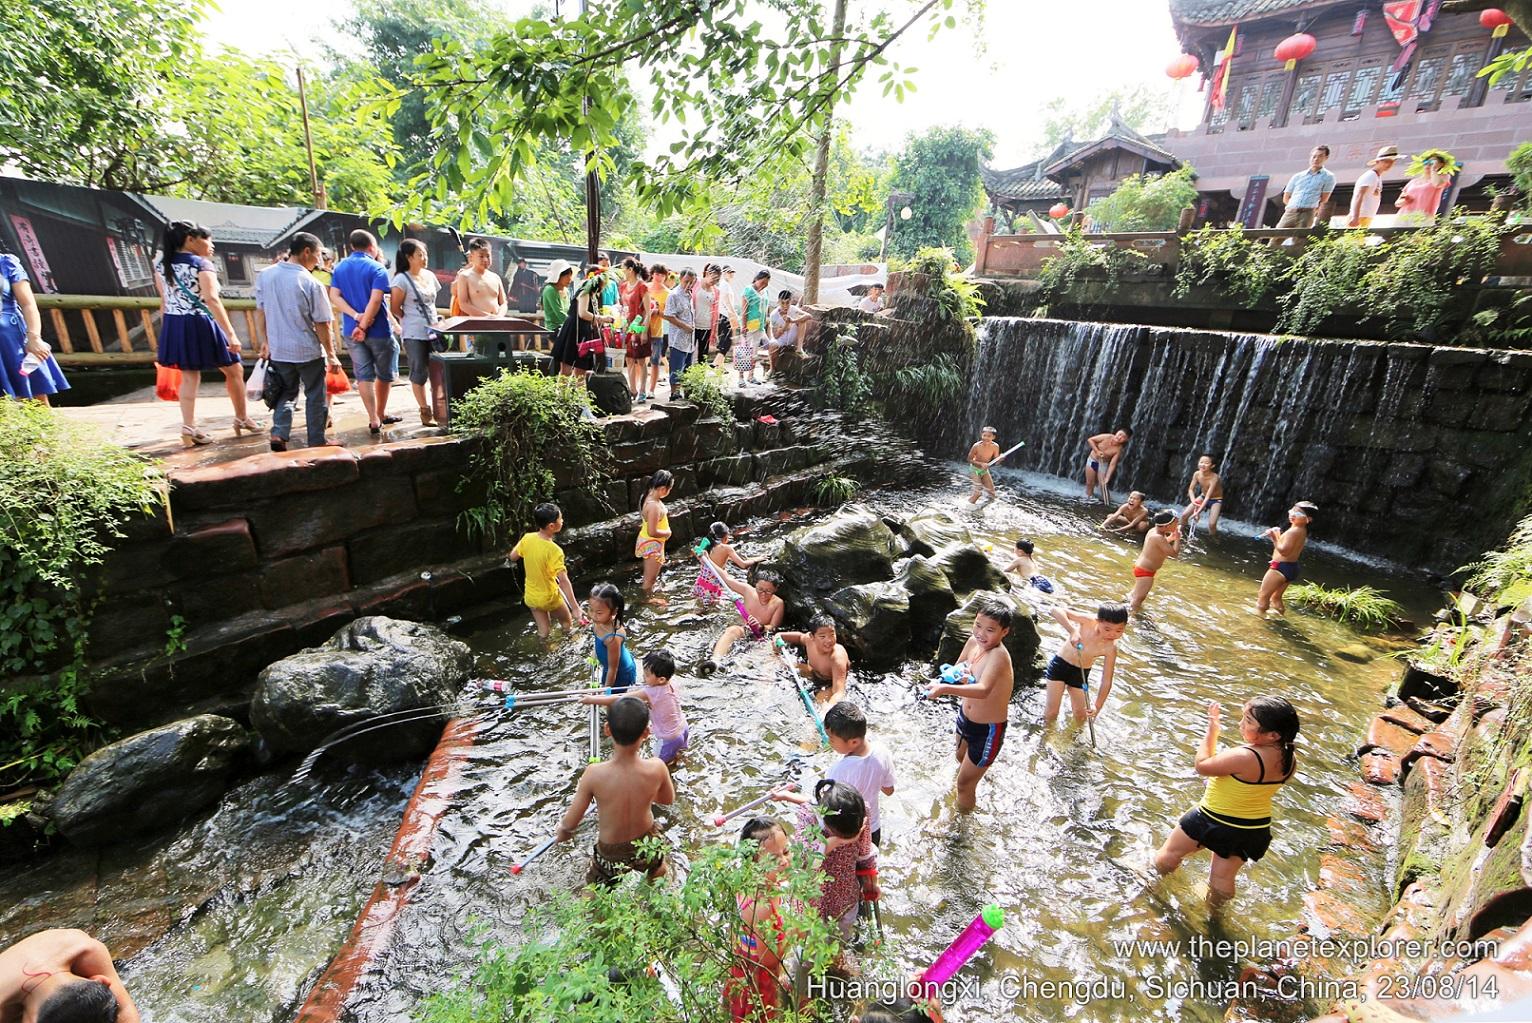 2014-08-23_1548_china_sichuan_chengdu_huanglongxi_stream_lr_nw